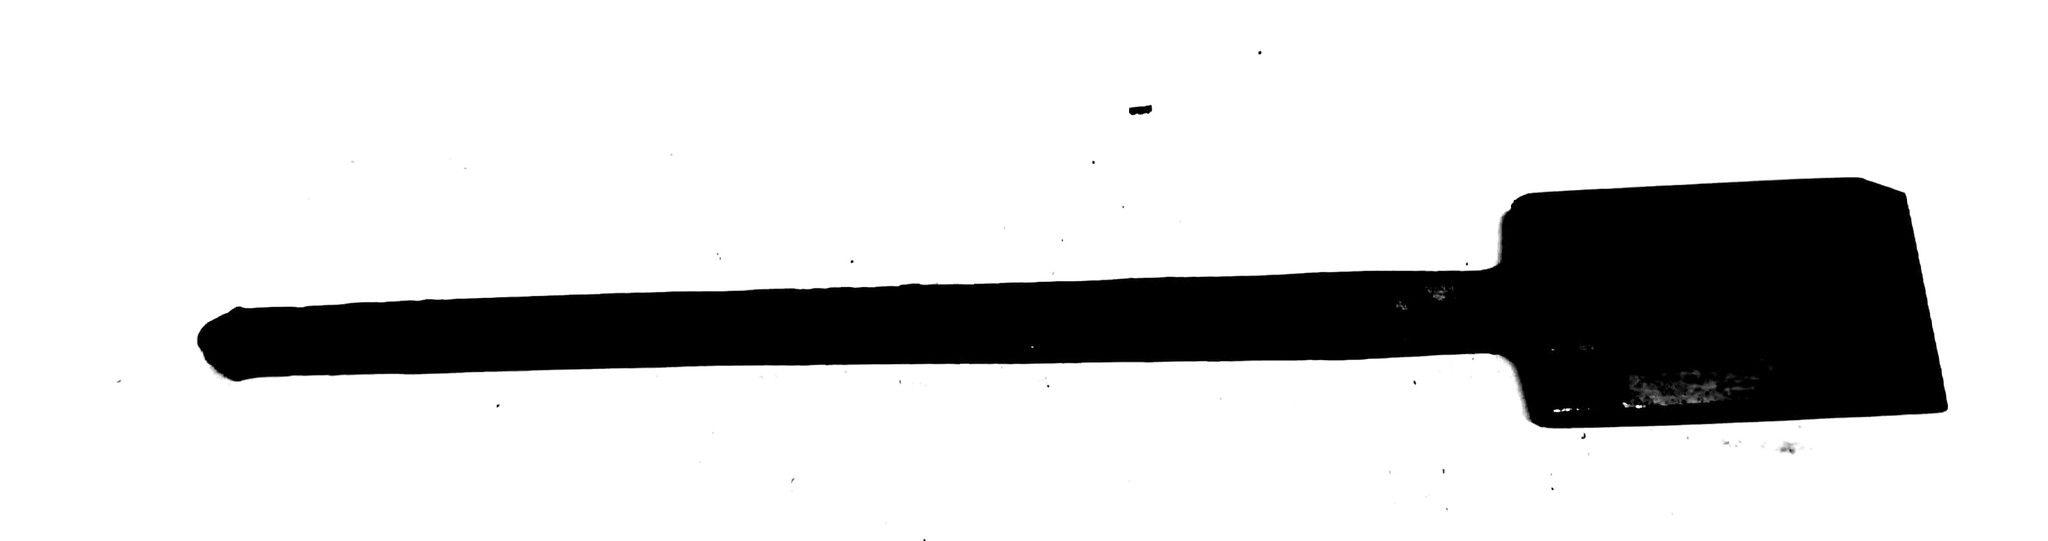 Ferro per sponderuola tipo semplice mm 28